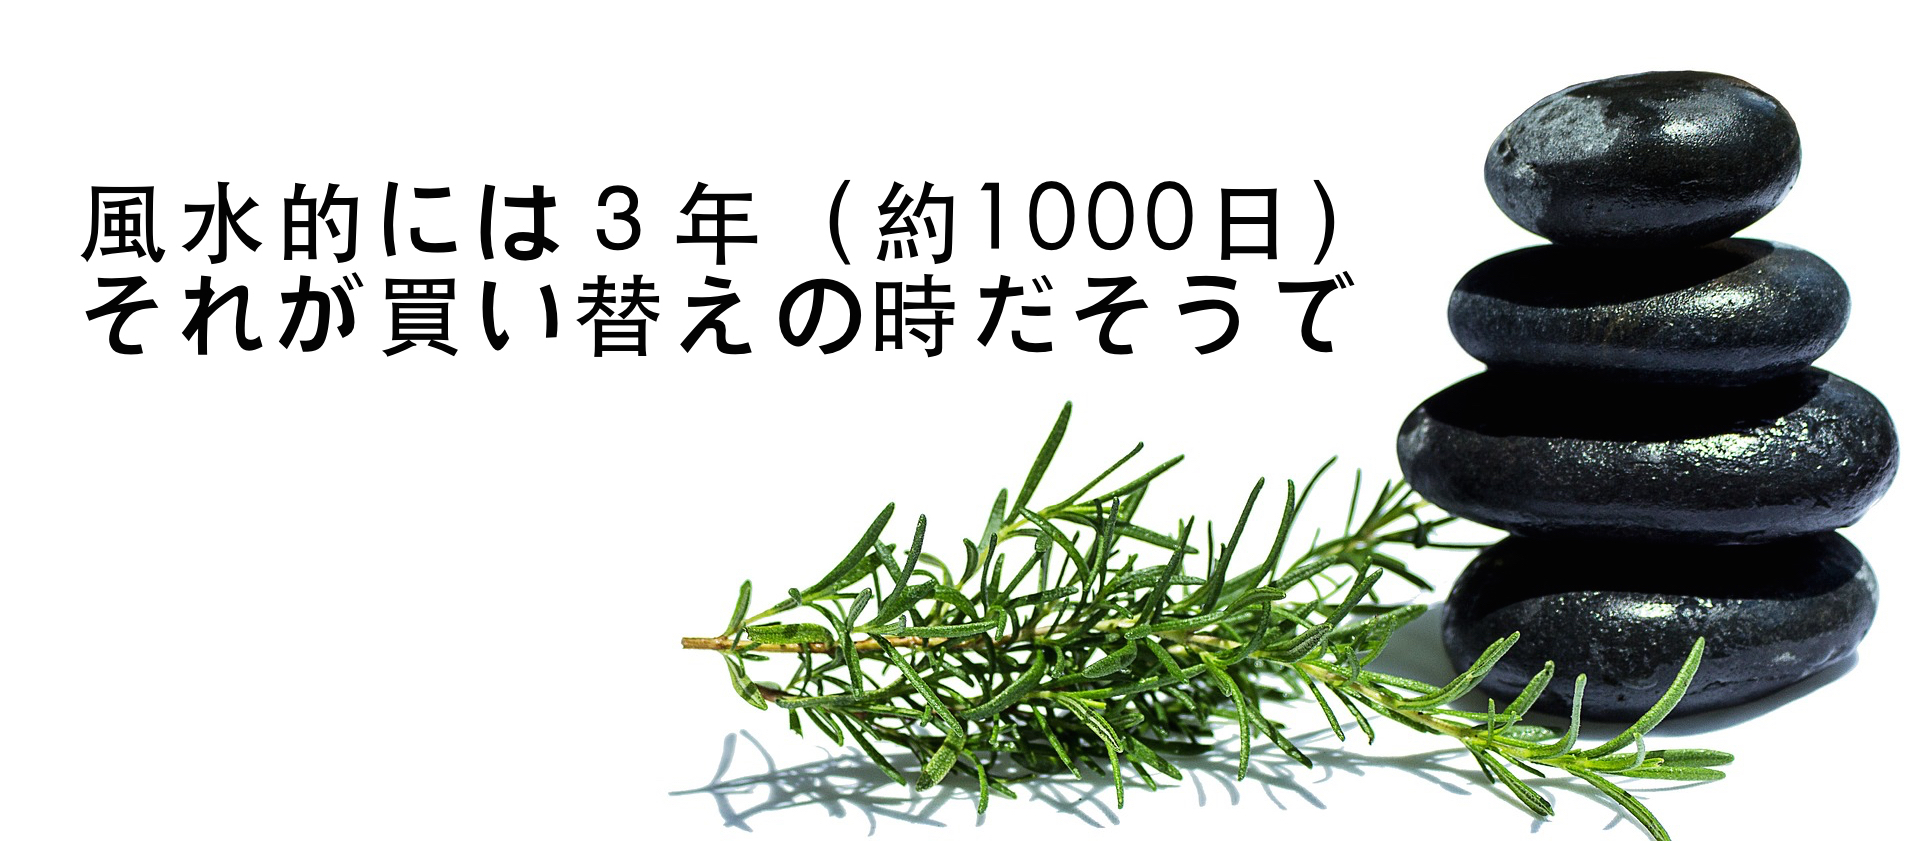 stones-1456169_1920